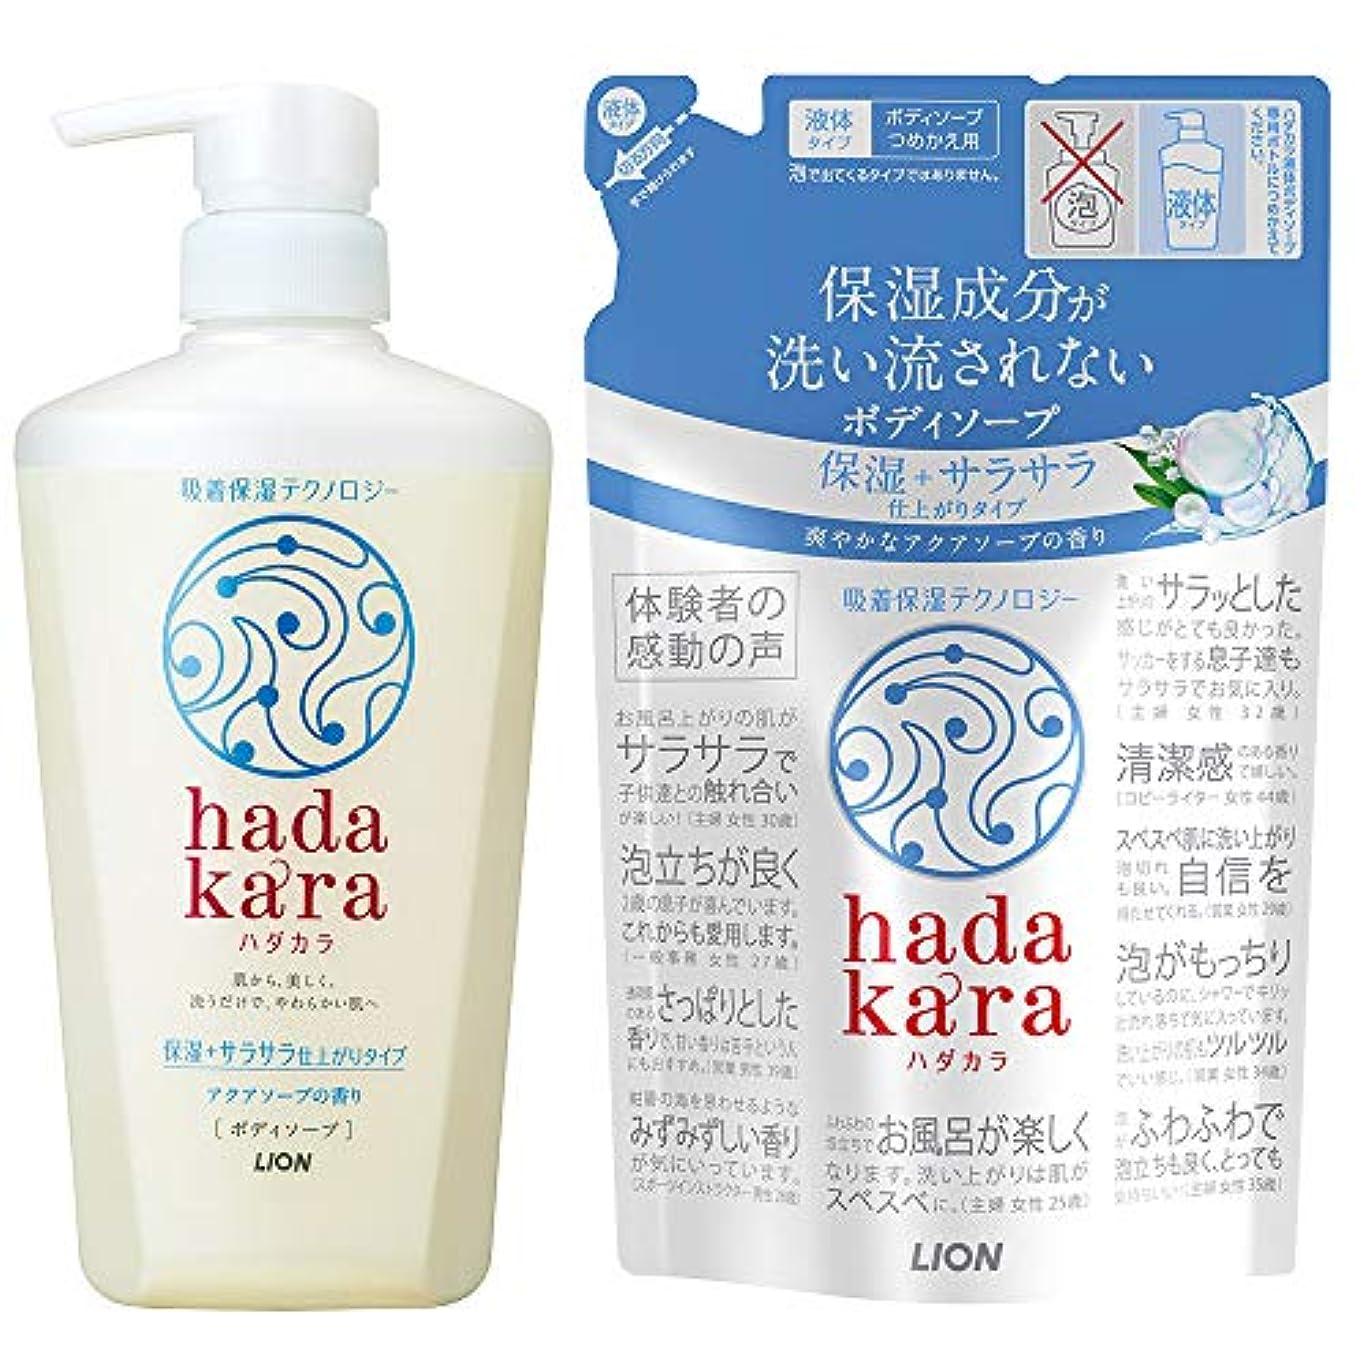 イチゴ手書き不一致hadakara(ハダカラ)ボディソープ 保湿+サラサラ仕上がりタイプ アクアソープの香り 本体 480ml + つめかえ 340ml